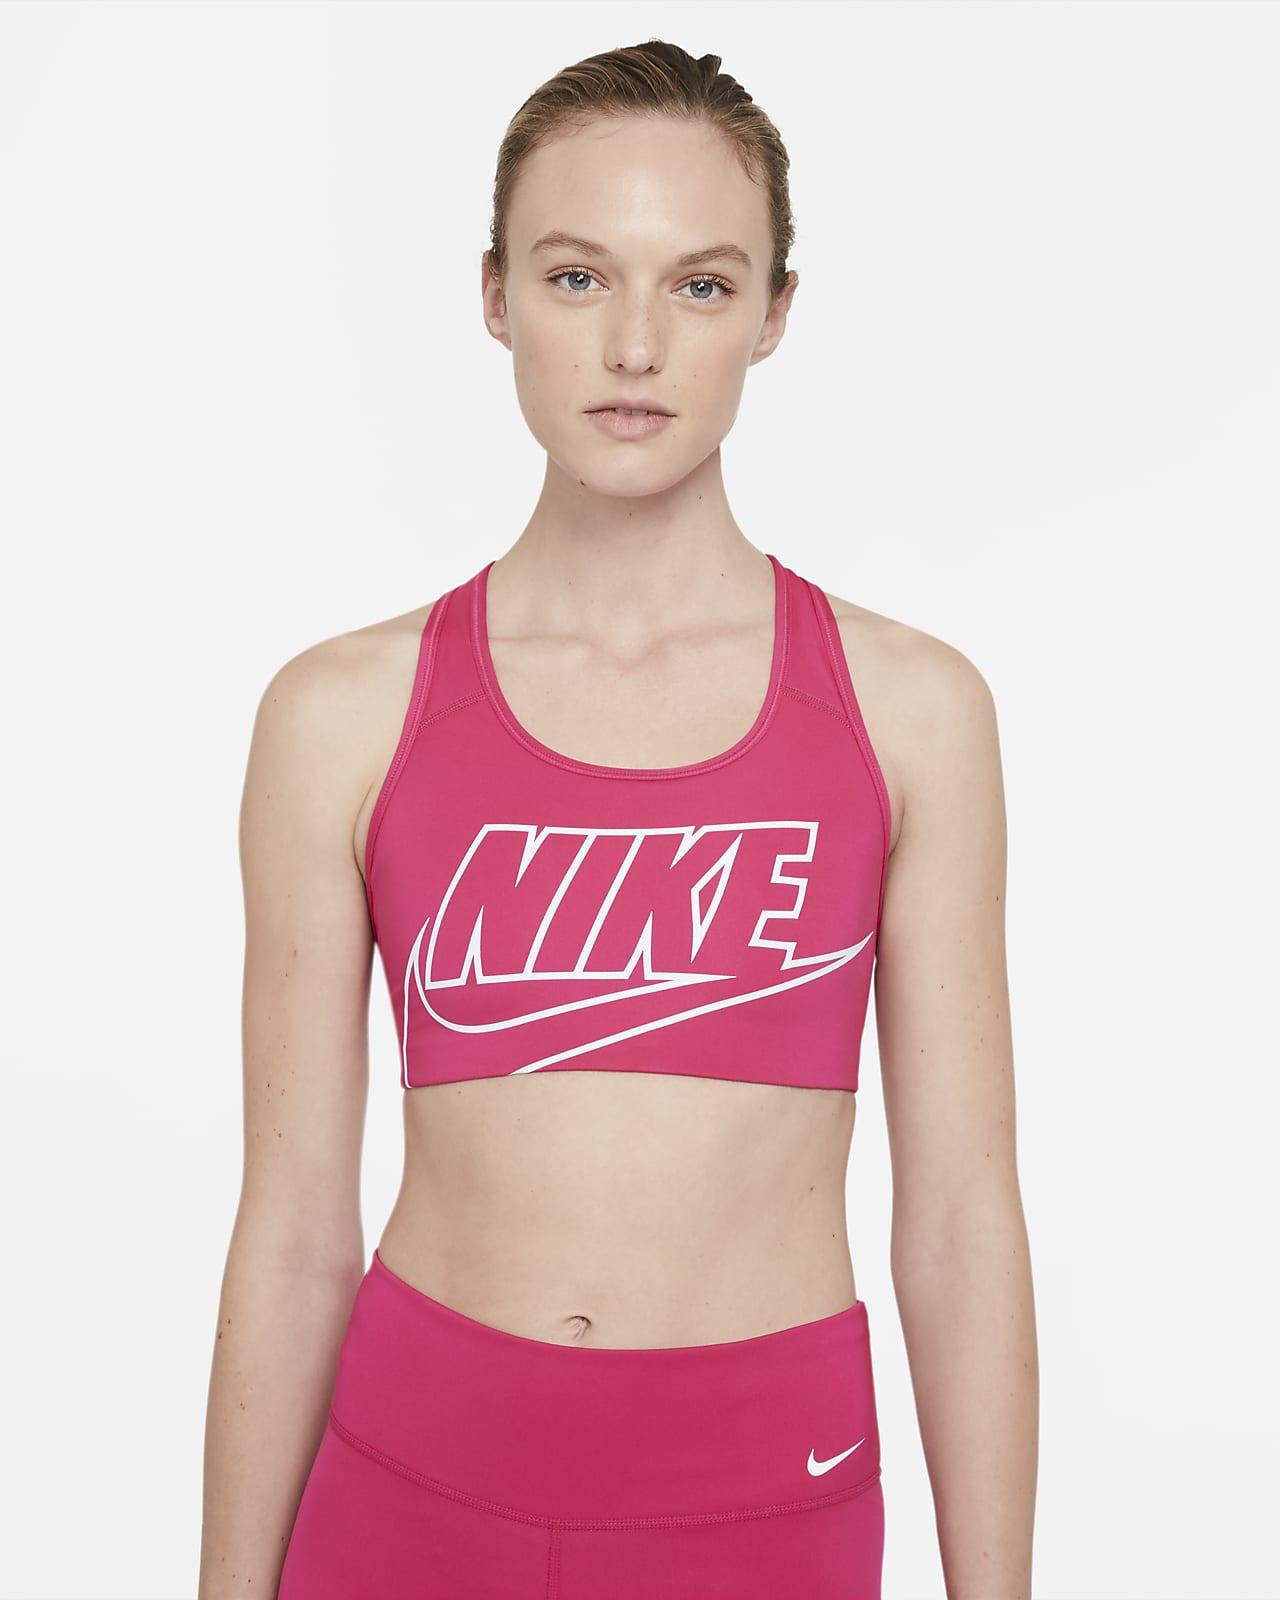 Nike Swoosh Orta Destekli Tek Parça Pedli Kadın Spor Sütyeni